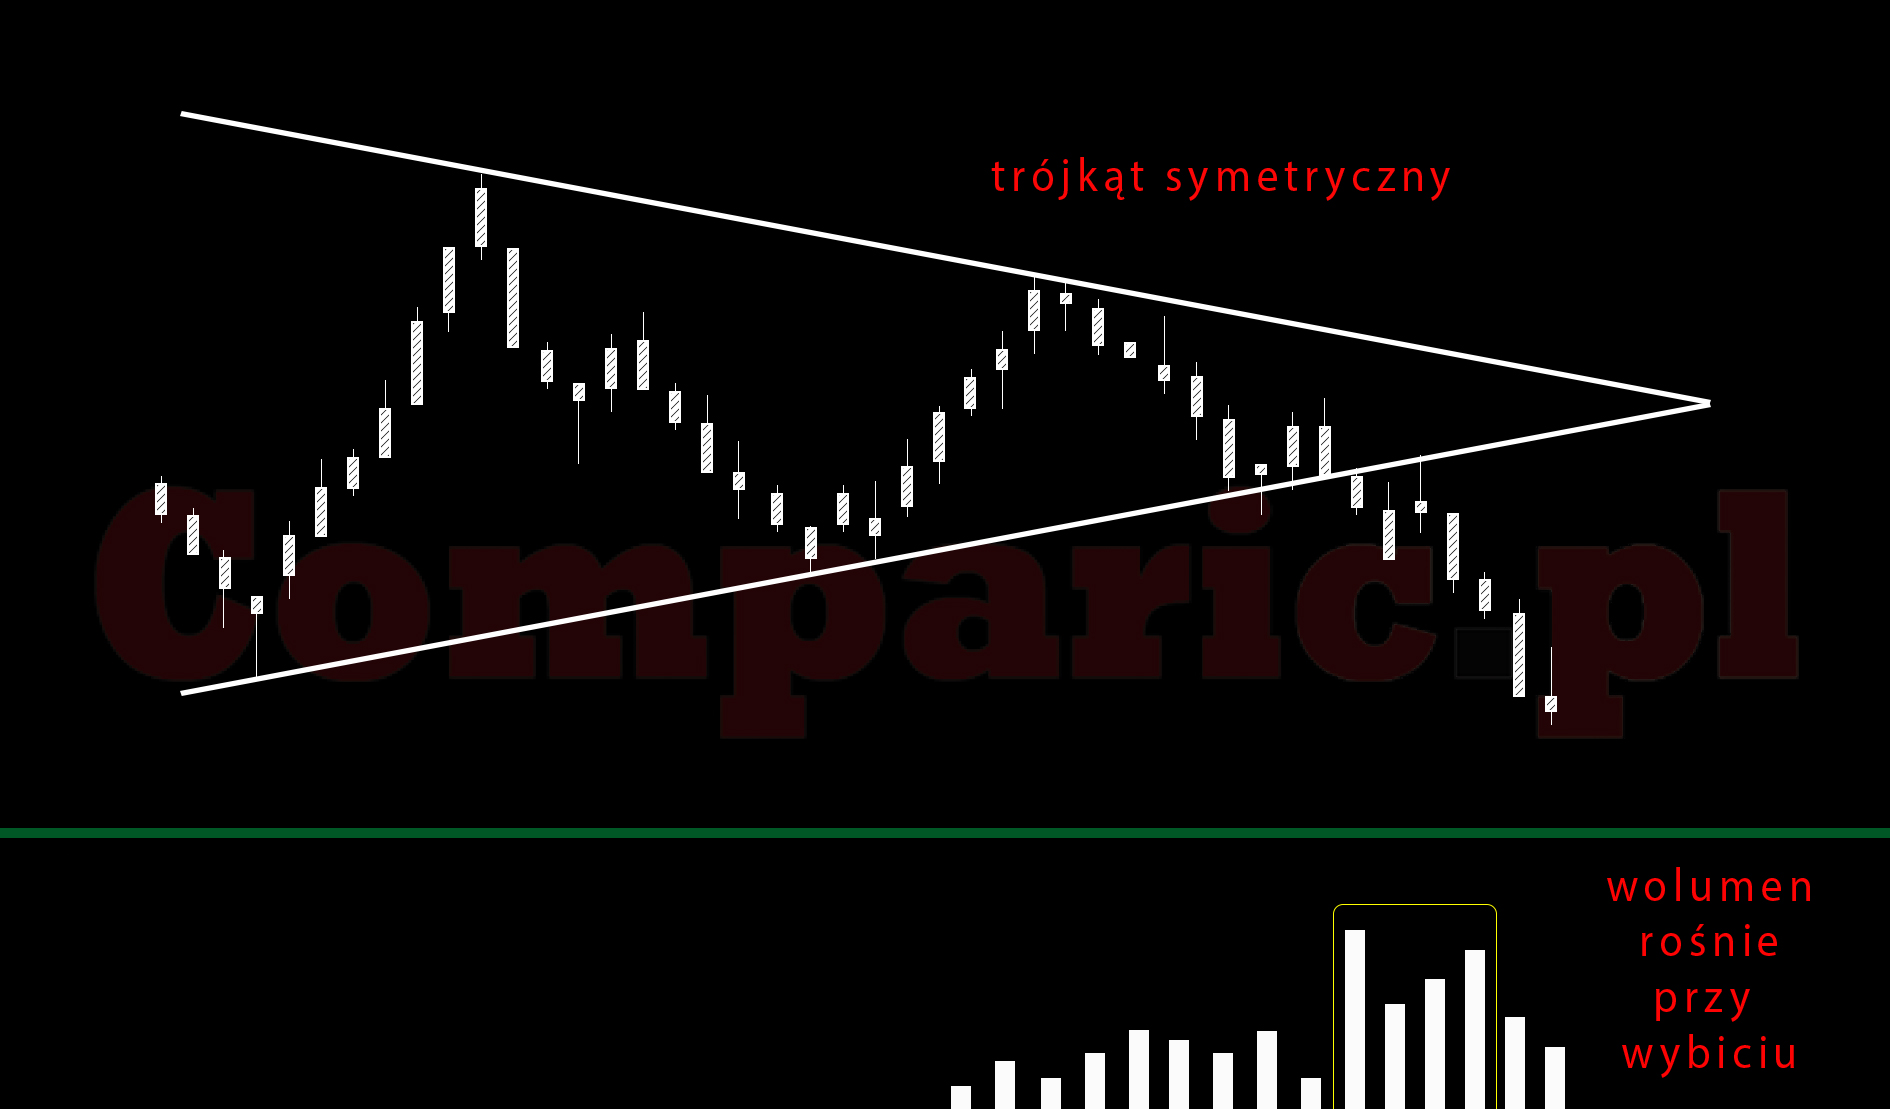 Trójkąt symetryczny - grafika